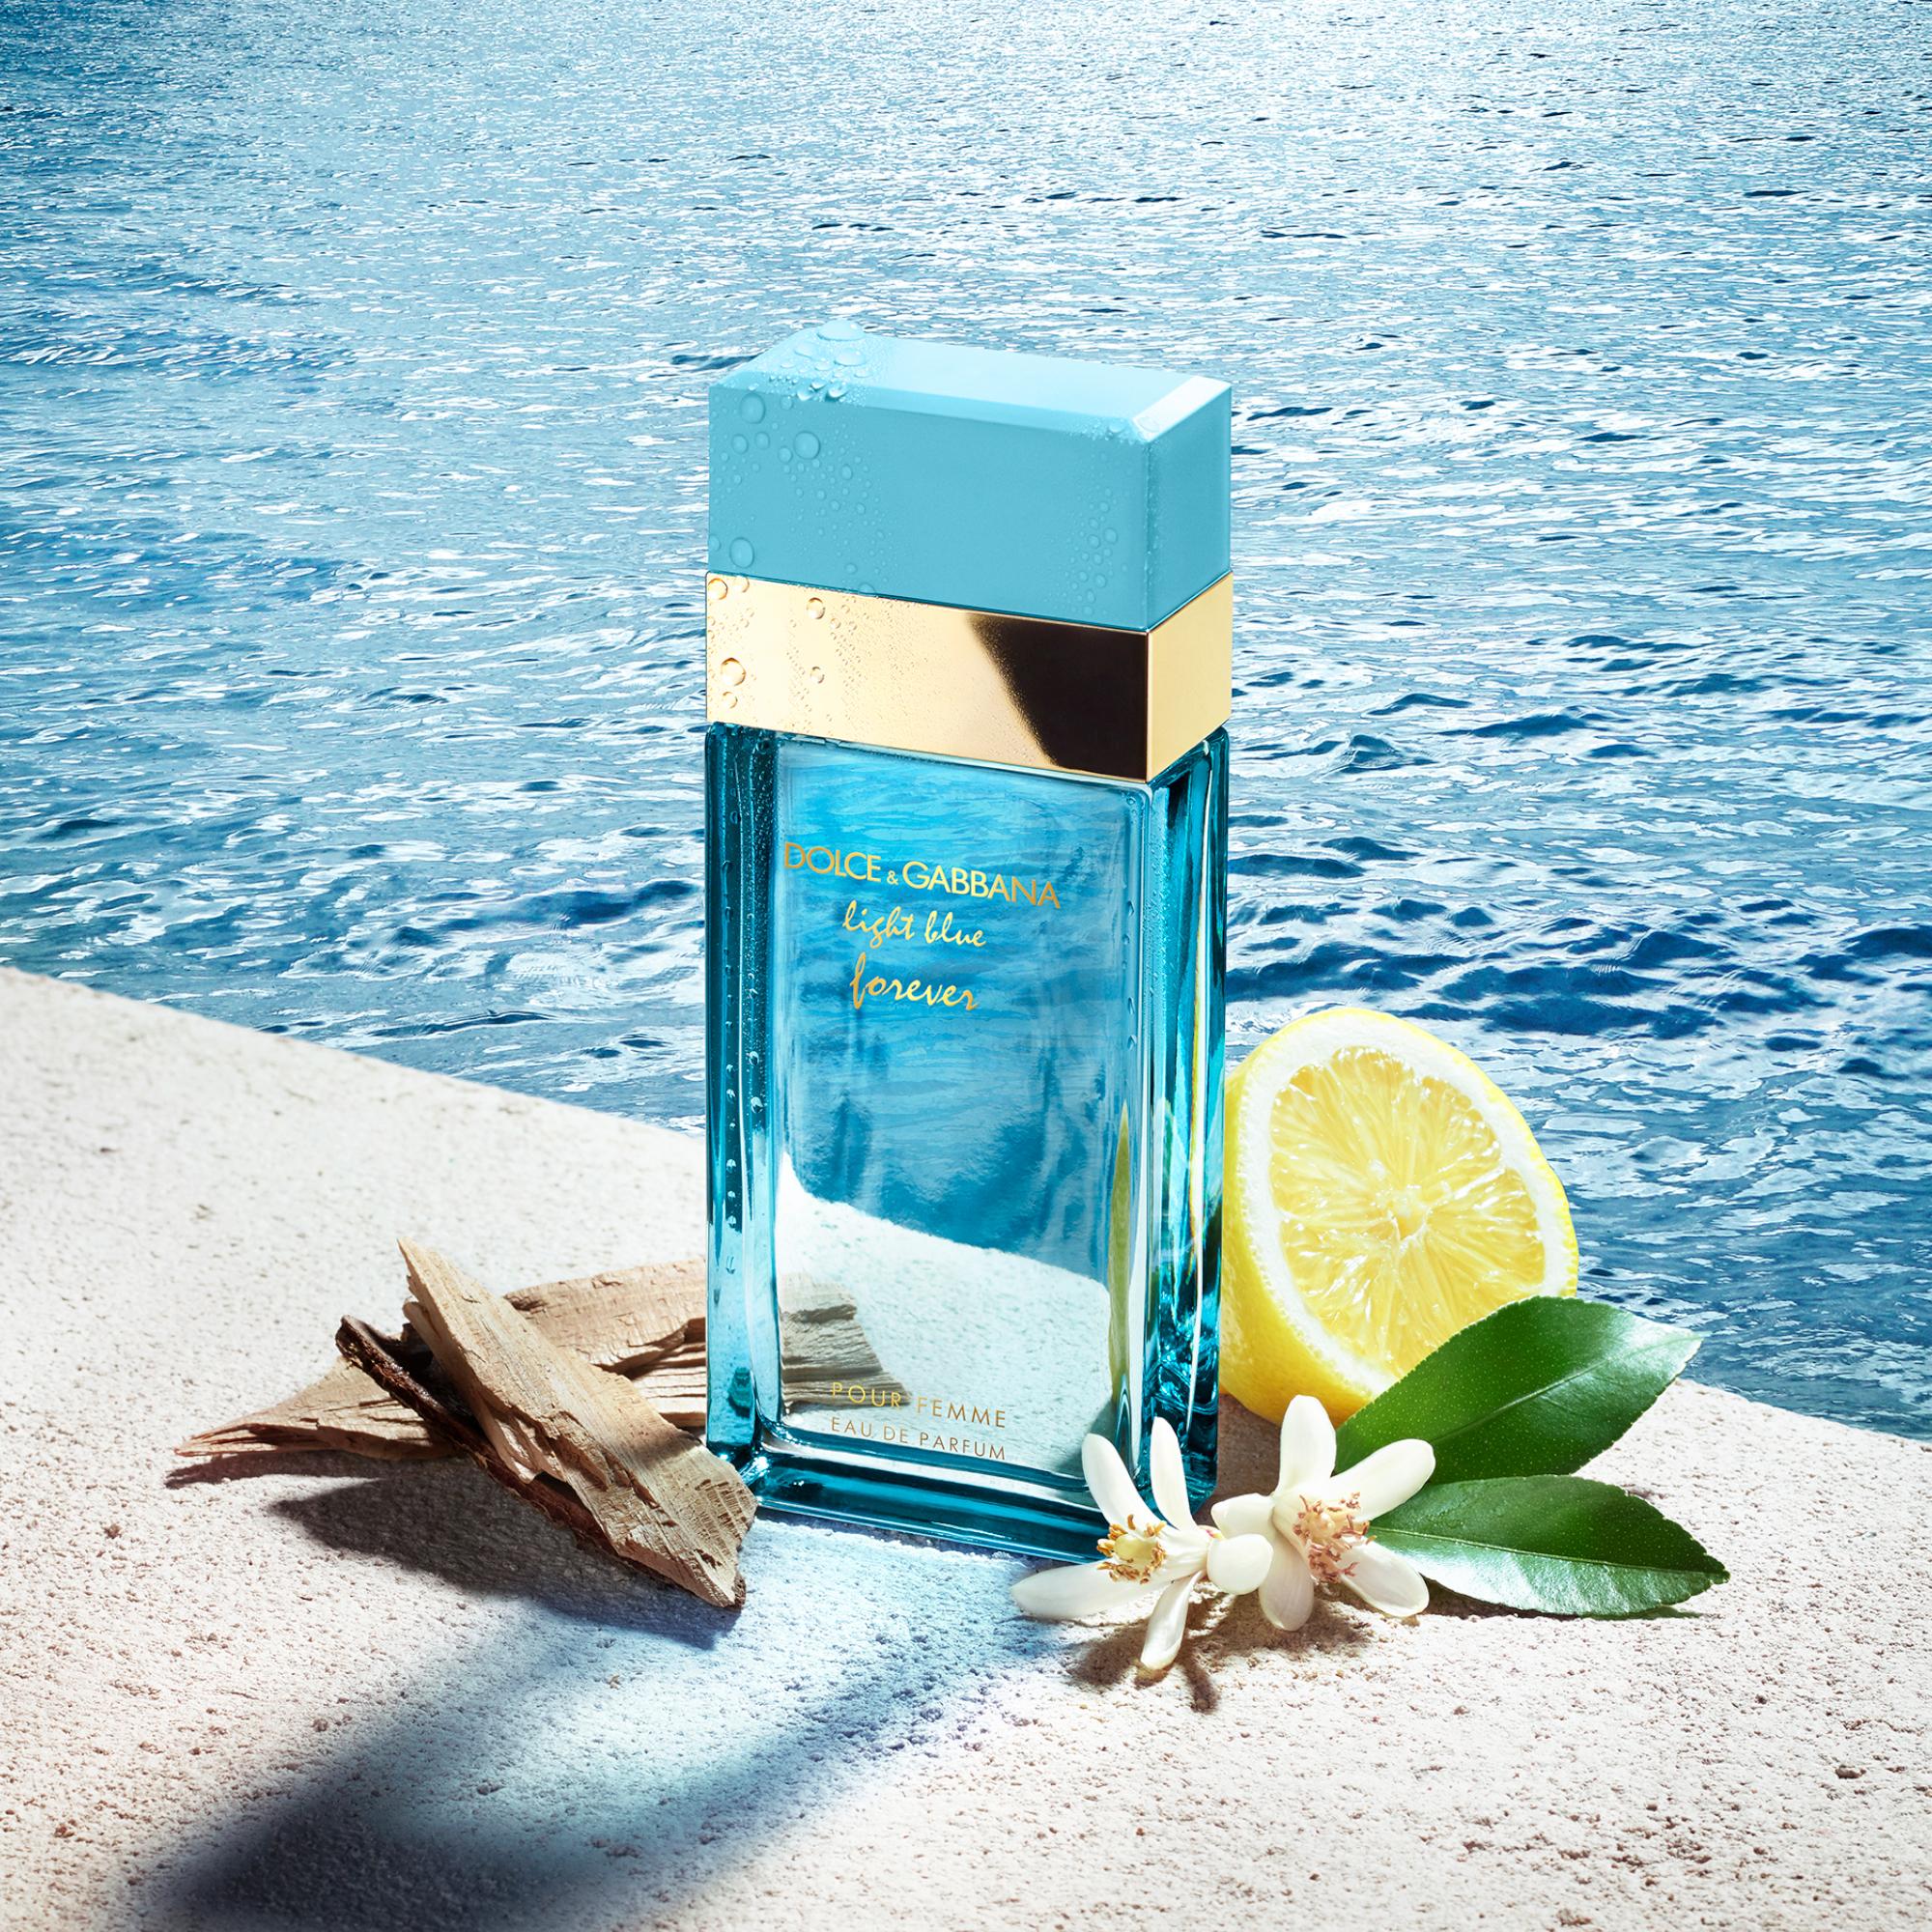 Dolce&Gabbana Light Blue da Profumerie Sabbion